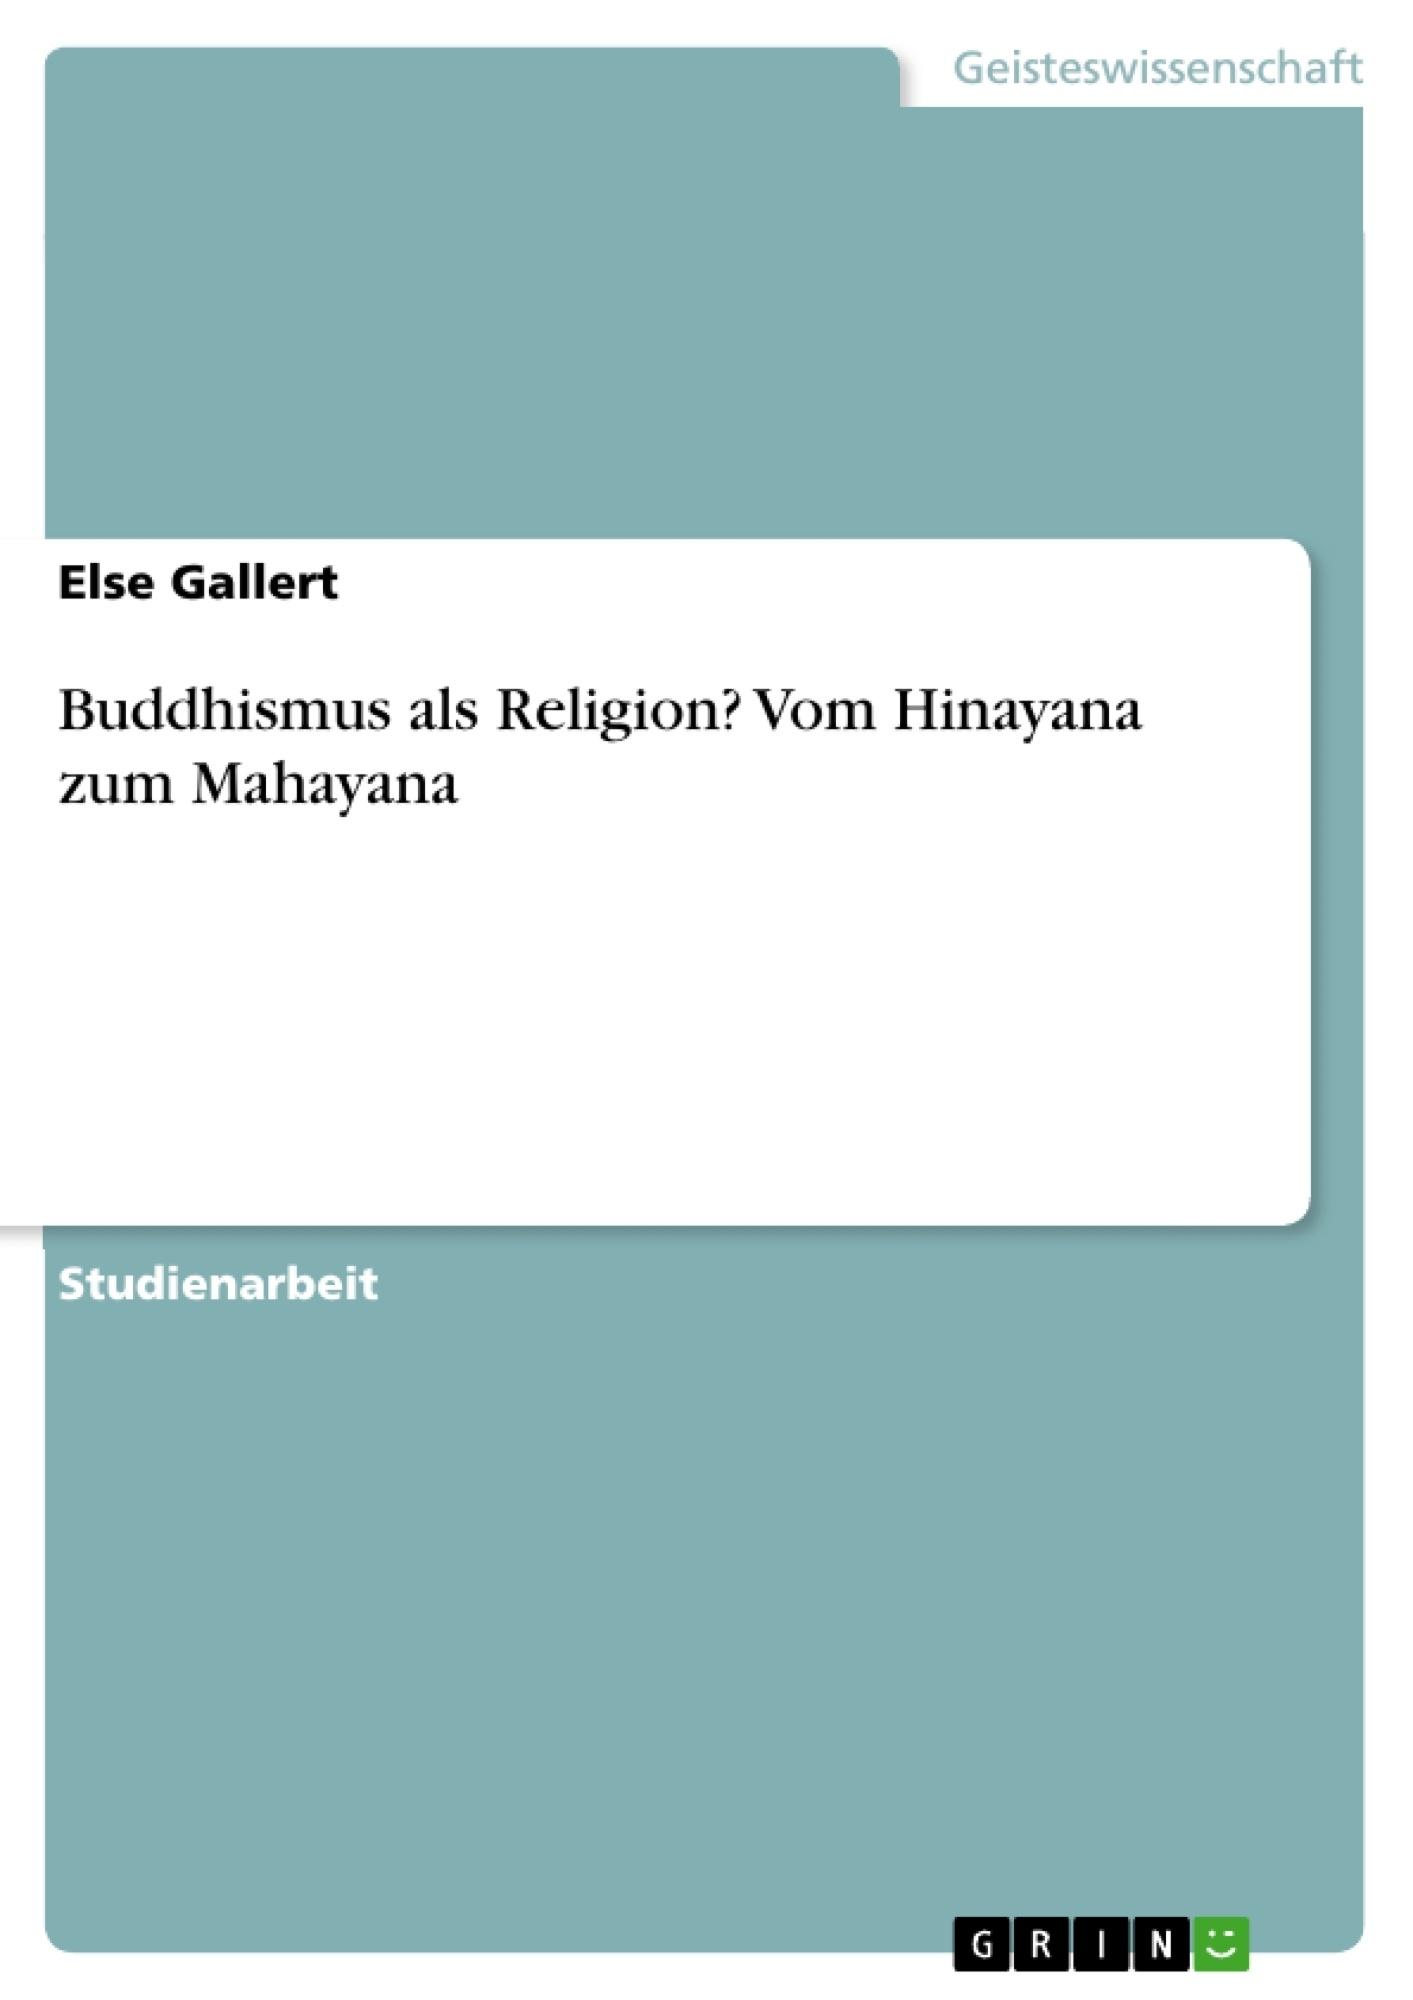 Titel: Buddhismus als Religion? Vom Hinayana zum Mahayana